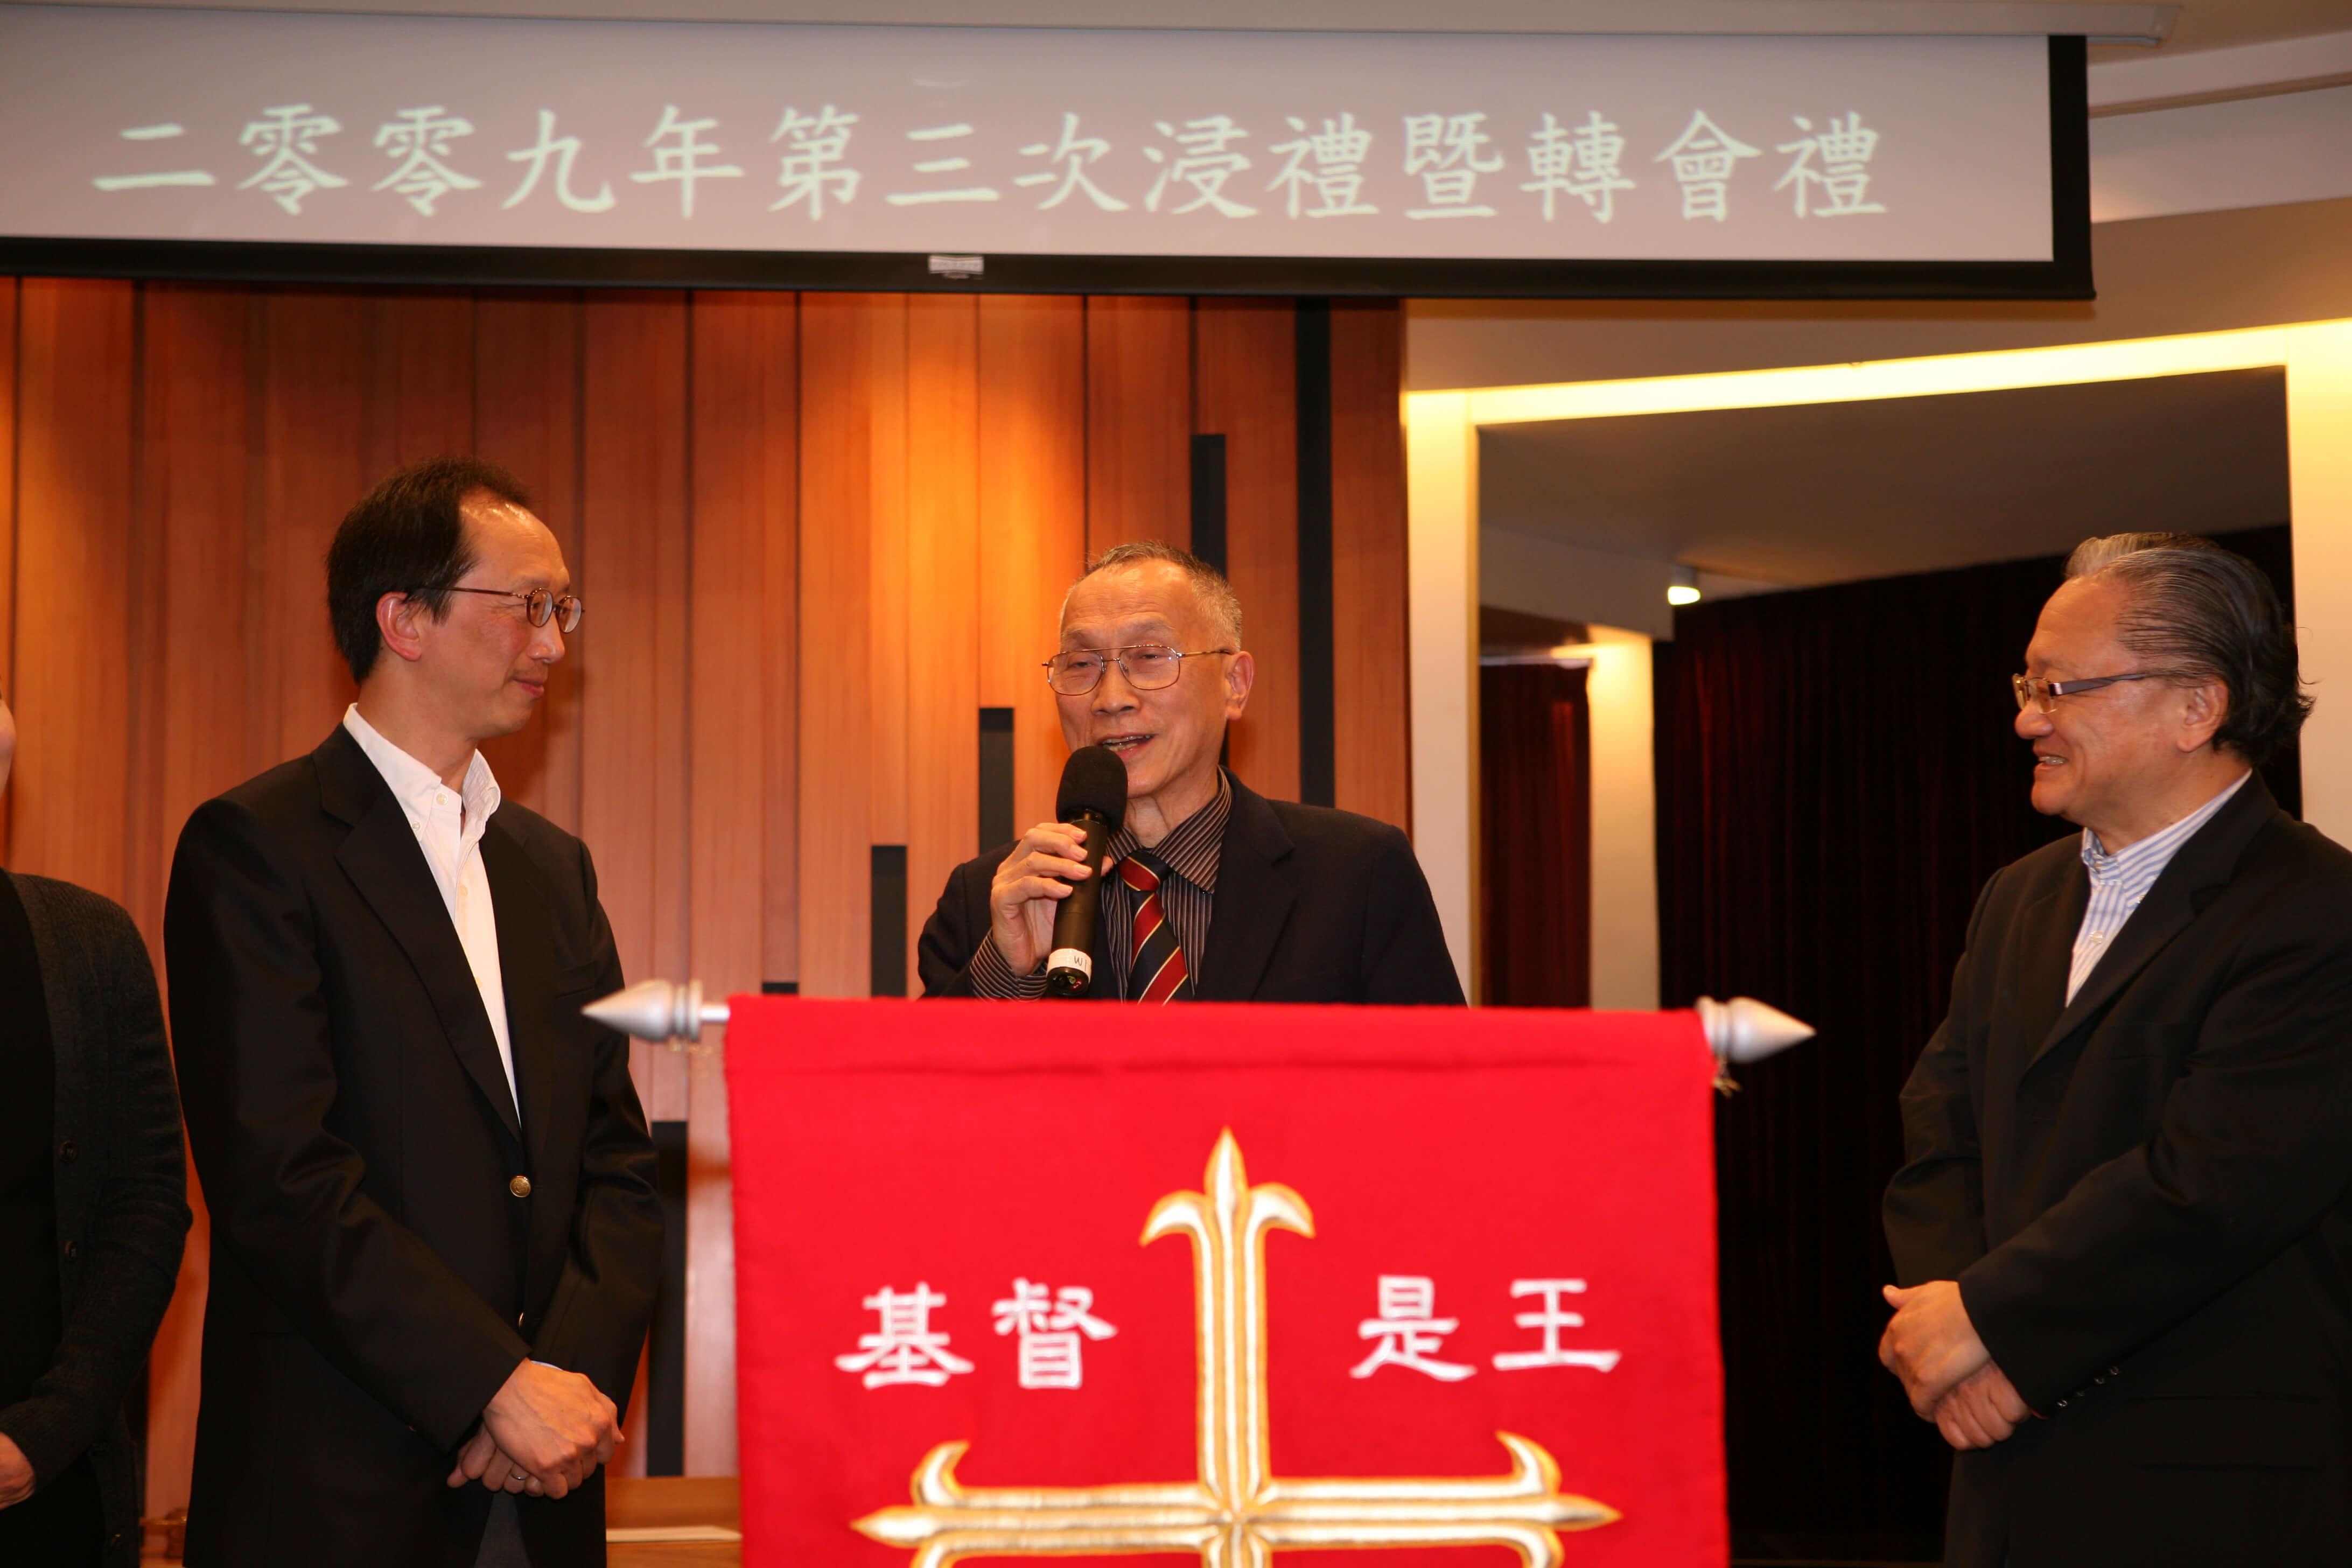 梁錦松於2007年決志信主,並於2009年受浸。(受訪者提供)